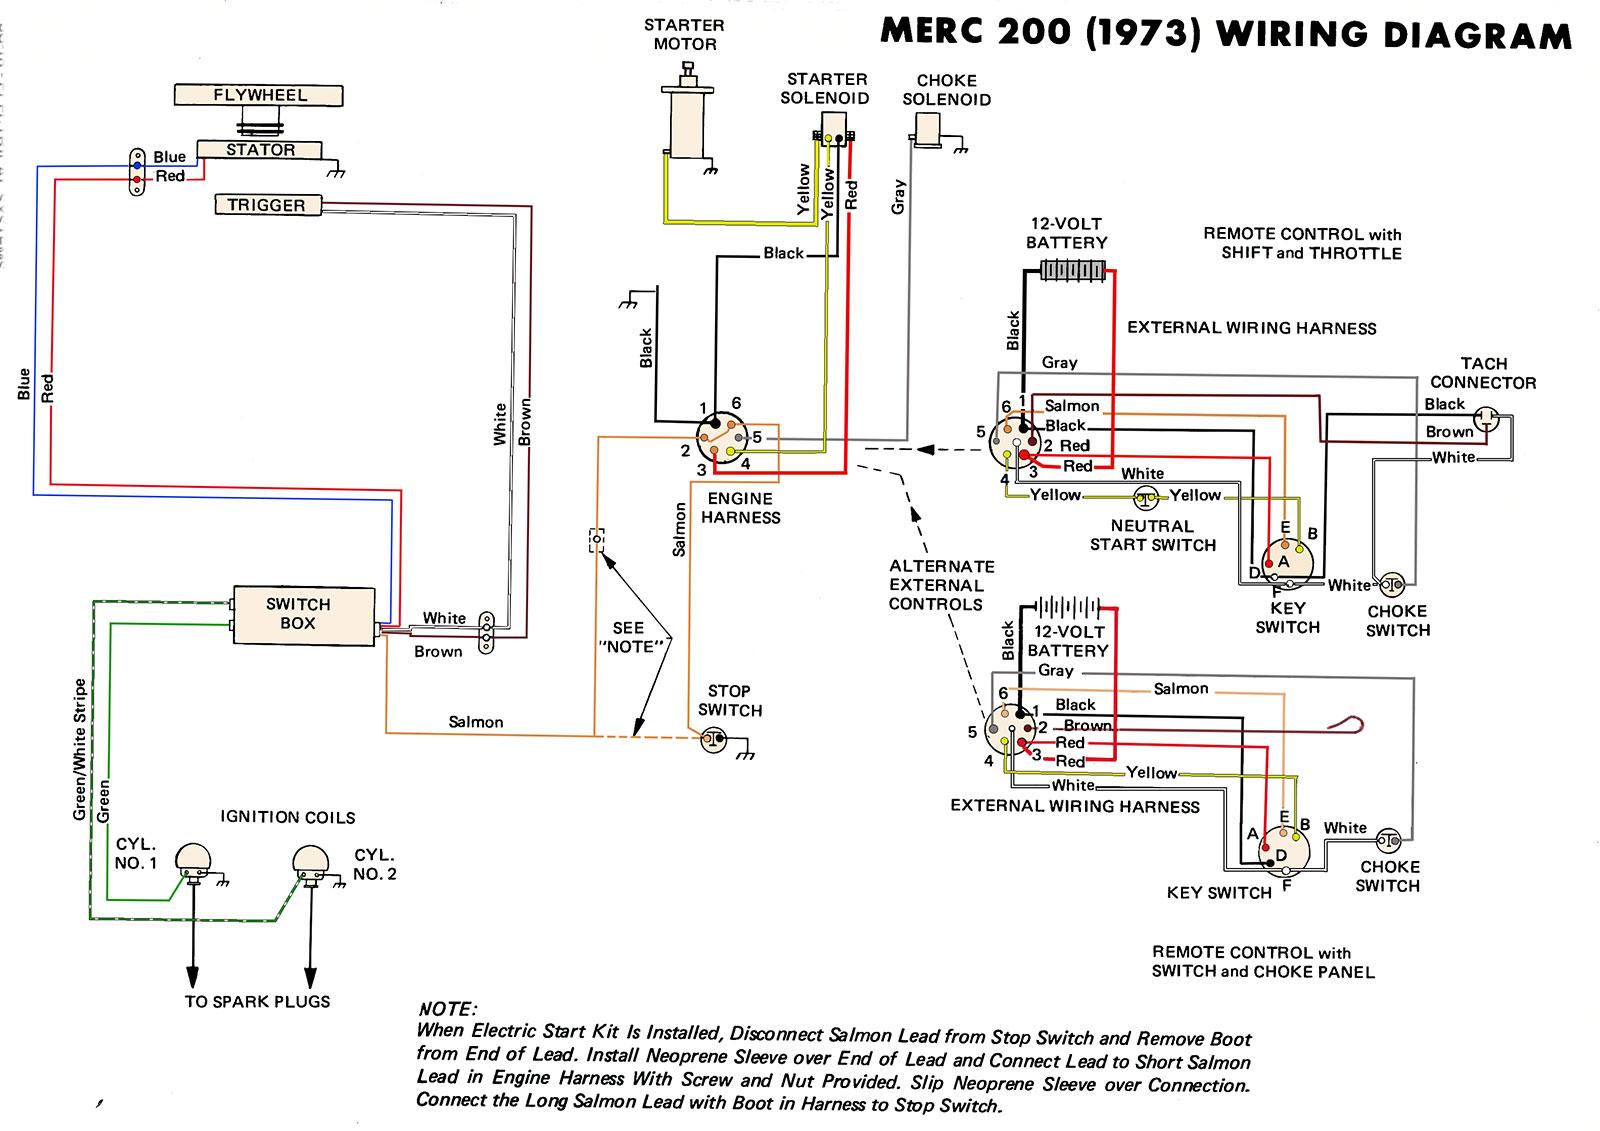 20HP_73?resize\\\\\\\\\\\\\\\\\\\\\\\\\\\\\\\=665%2C470 chrysler start wiring diagram chrysler wiring diagrams  at virtualis.co